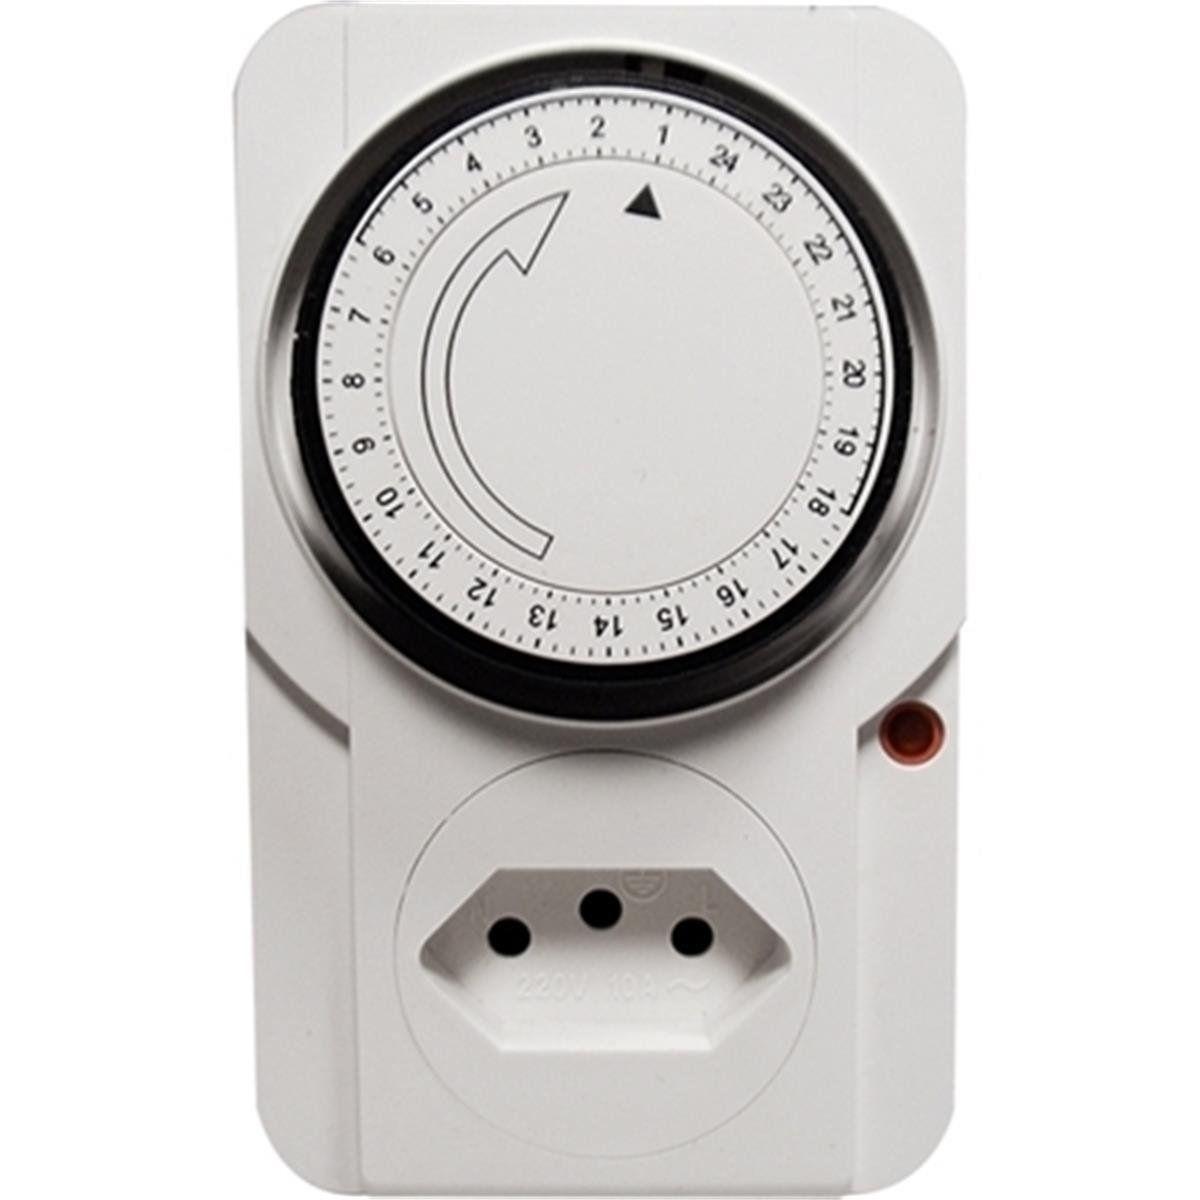 Timer Analogico Temporizador  Bivolt 96 Programas 2200 W  - EMPORIO K